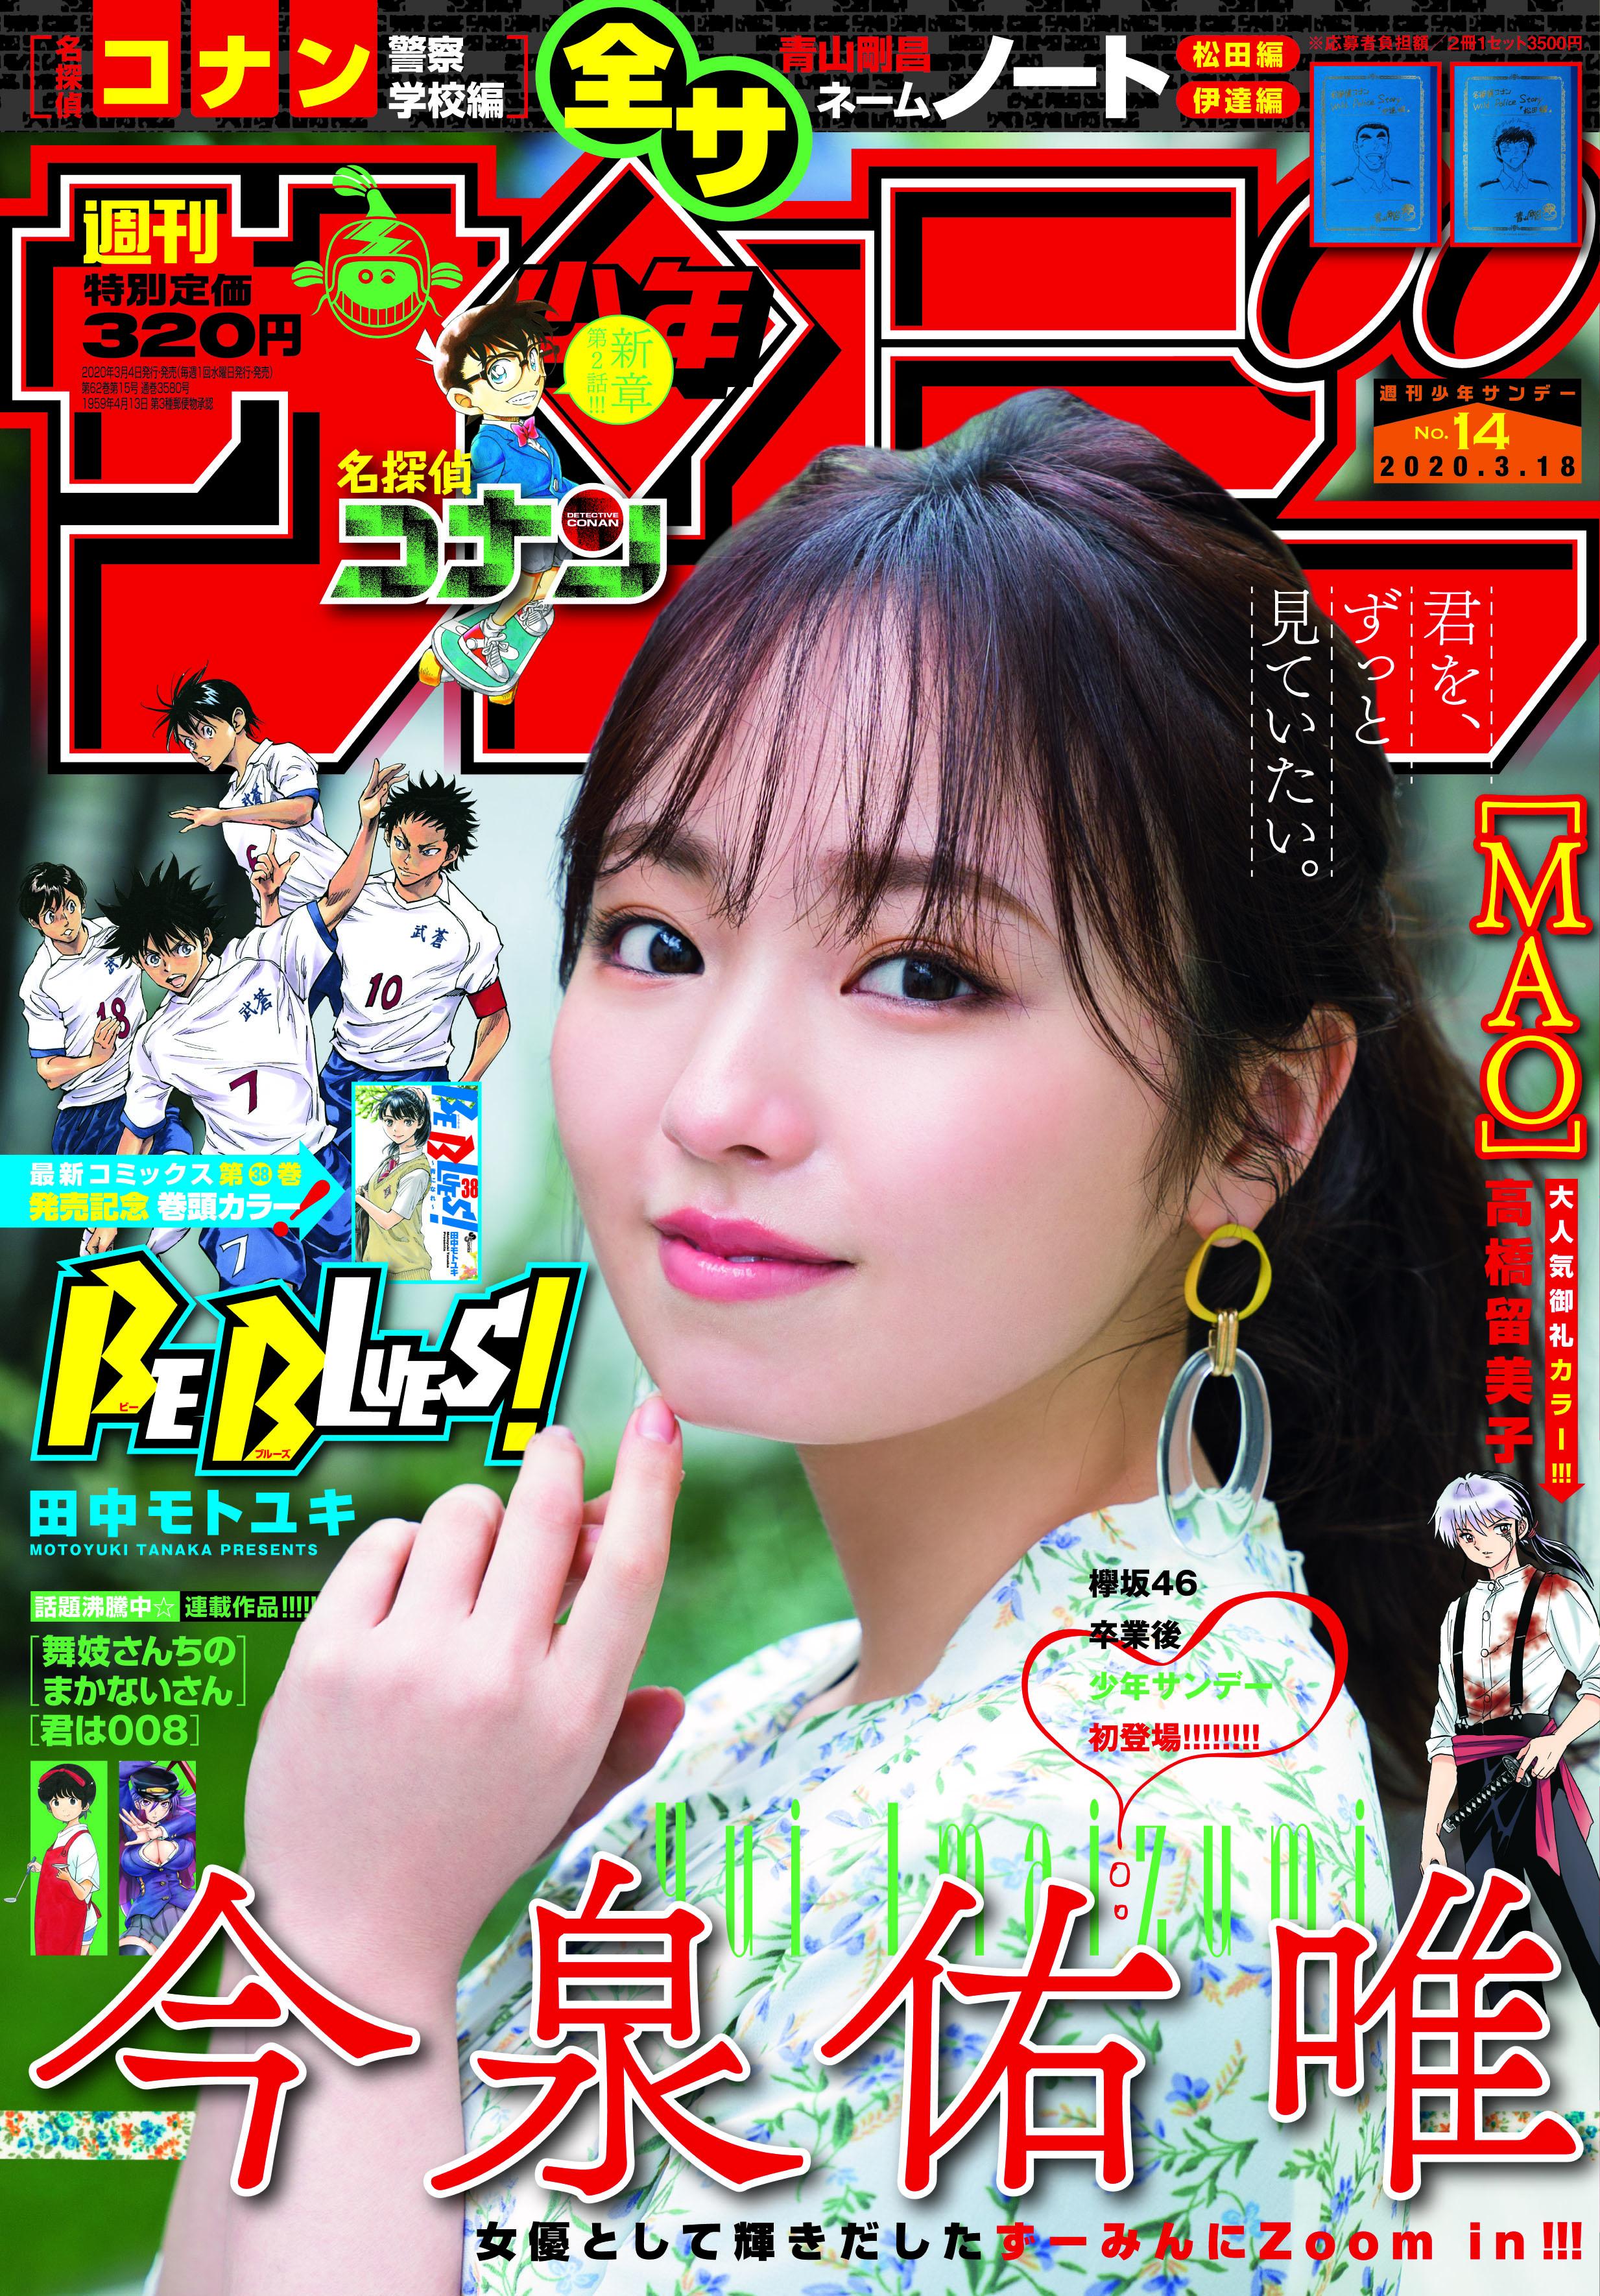 週刊少年サンデー 2020年03月18日号  14号 欅坂46   今泉佑唯